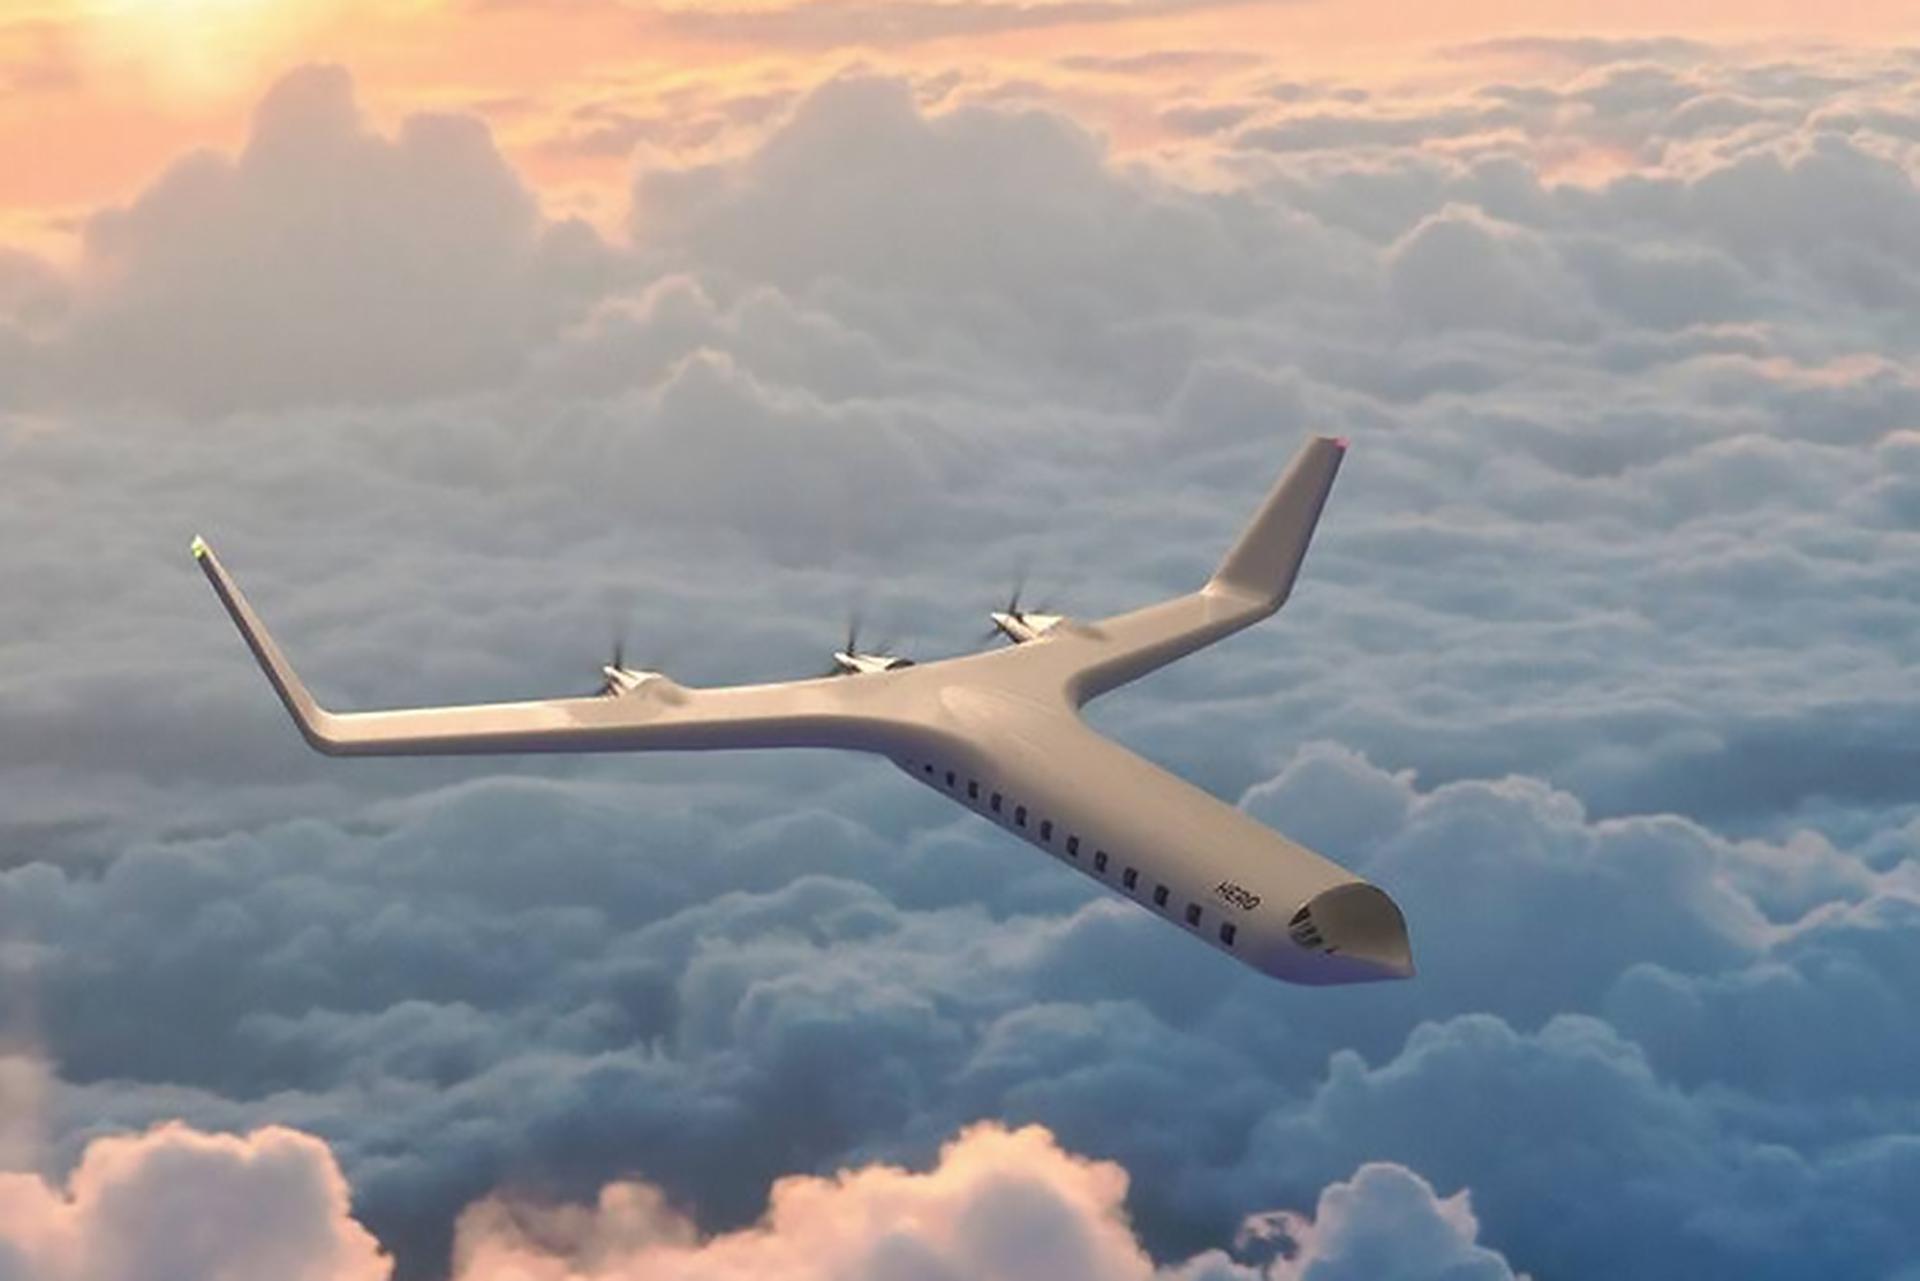 Hero Zero Passenger Plane Electric